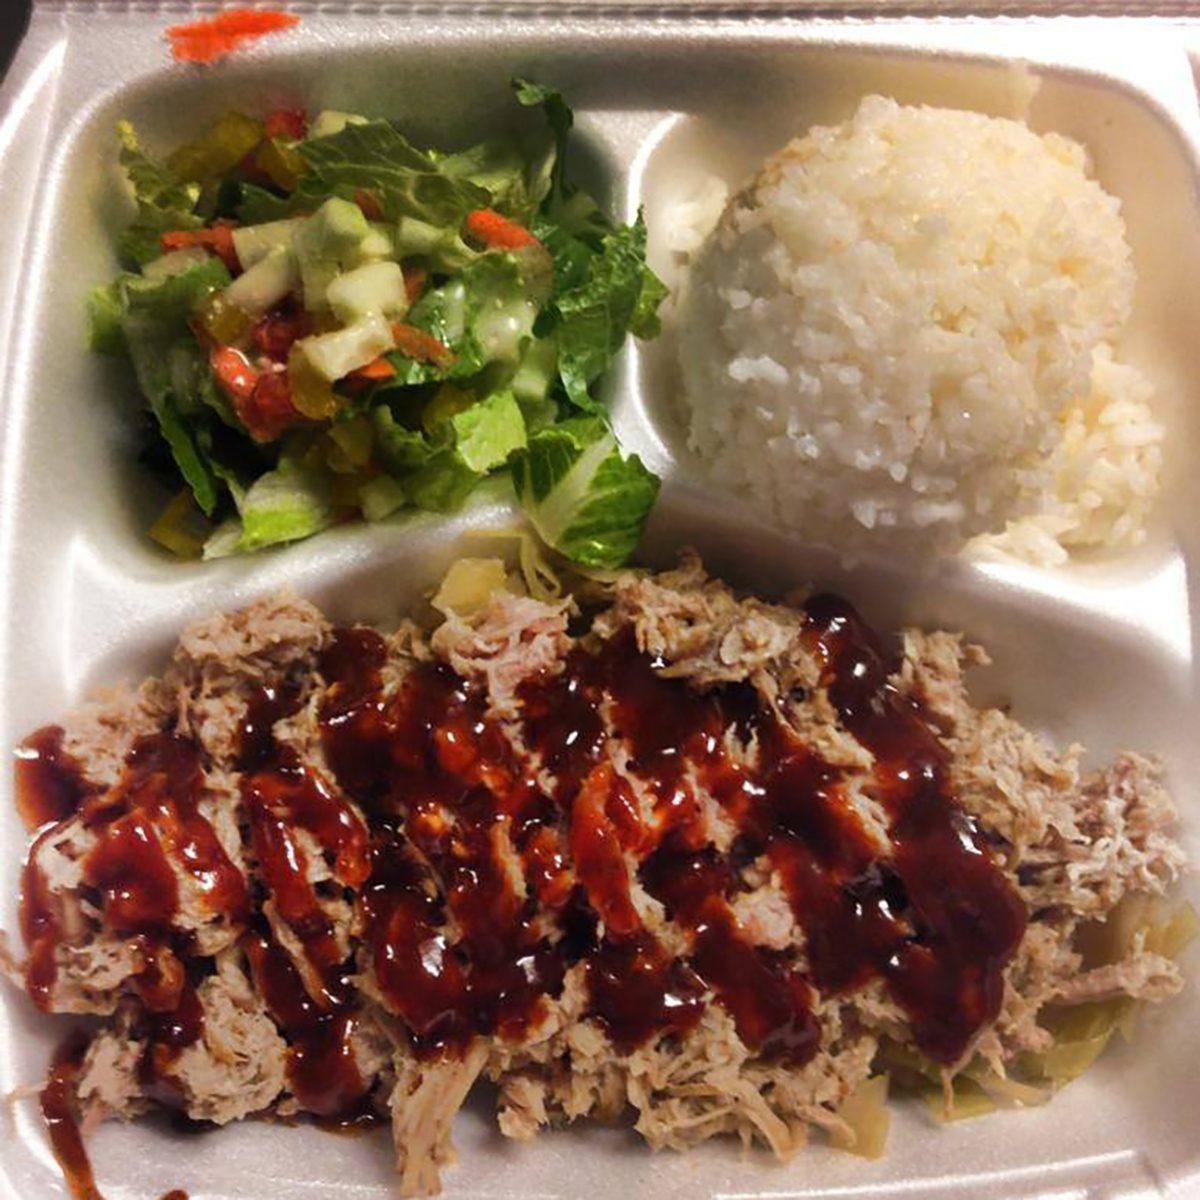 Kimo's Hawaiian BBQ